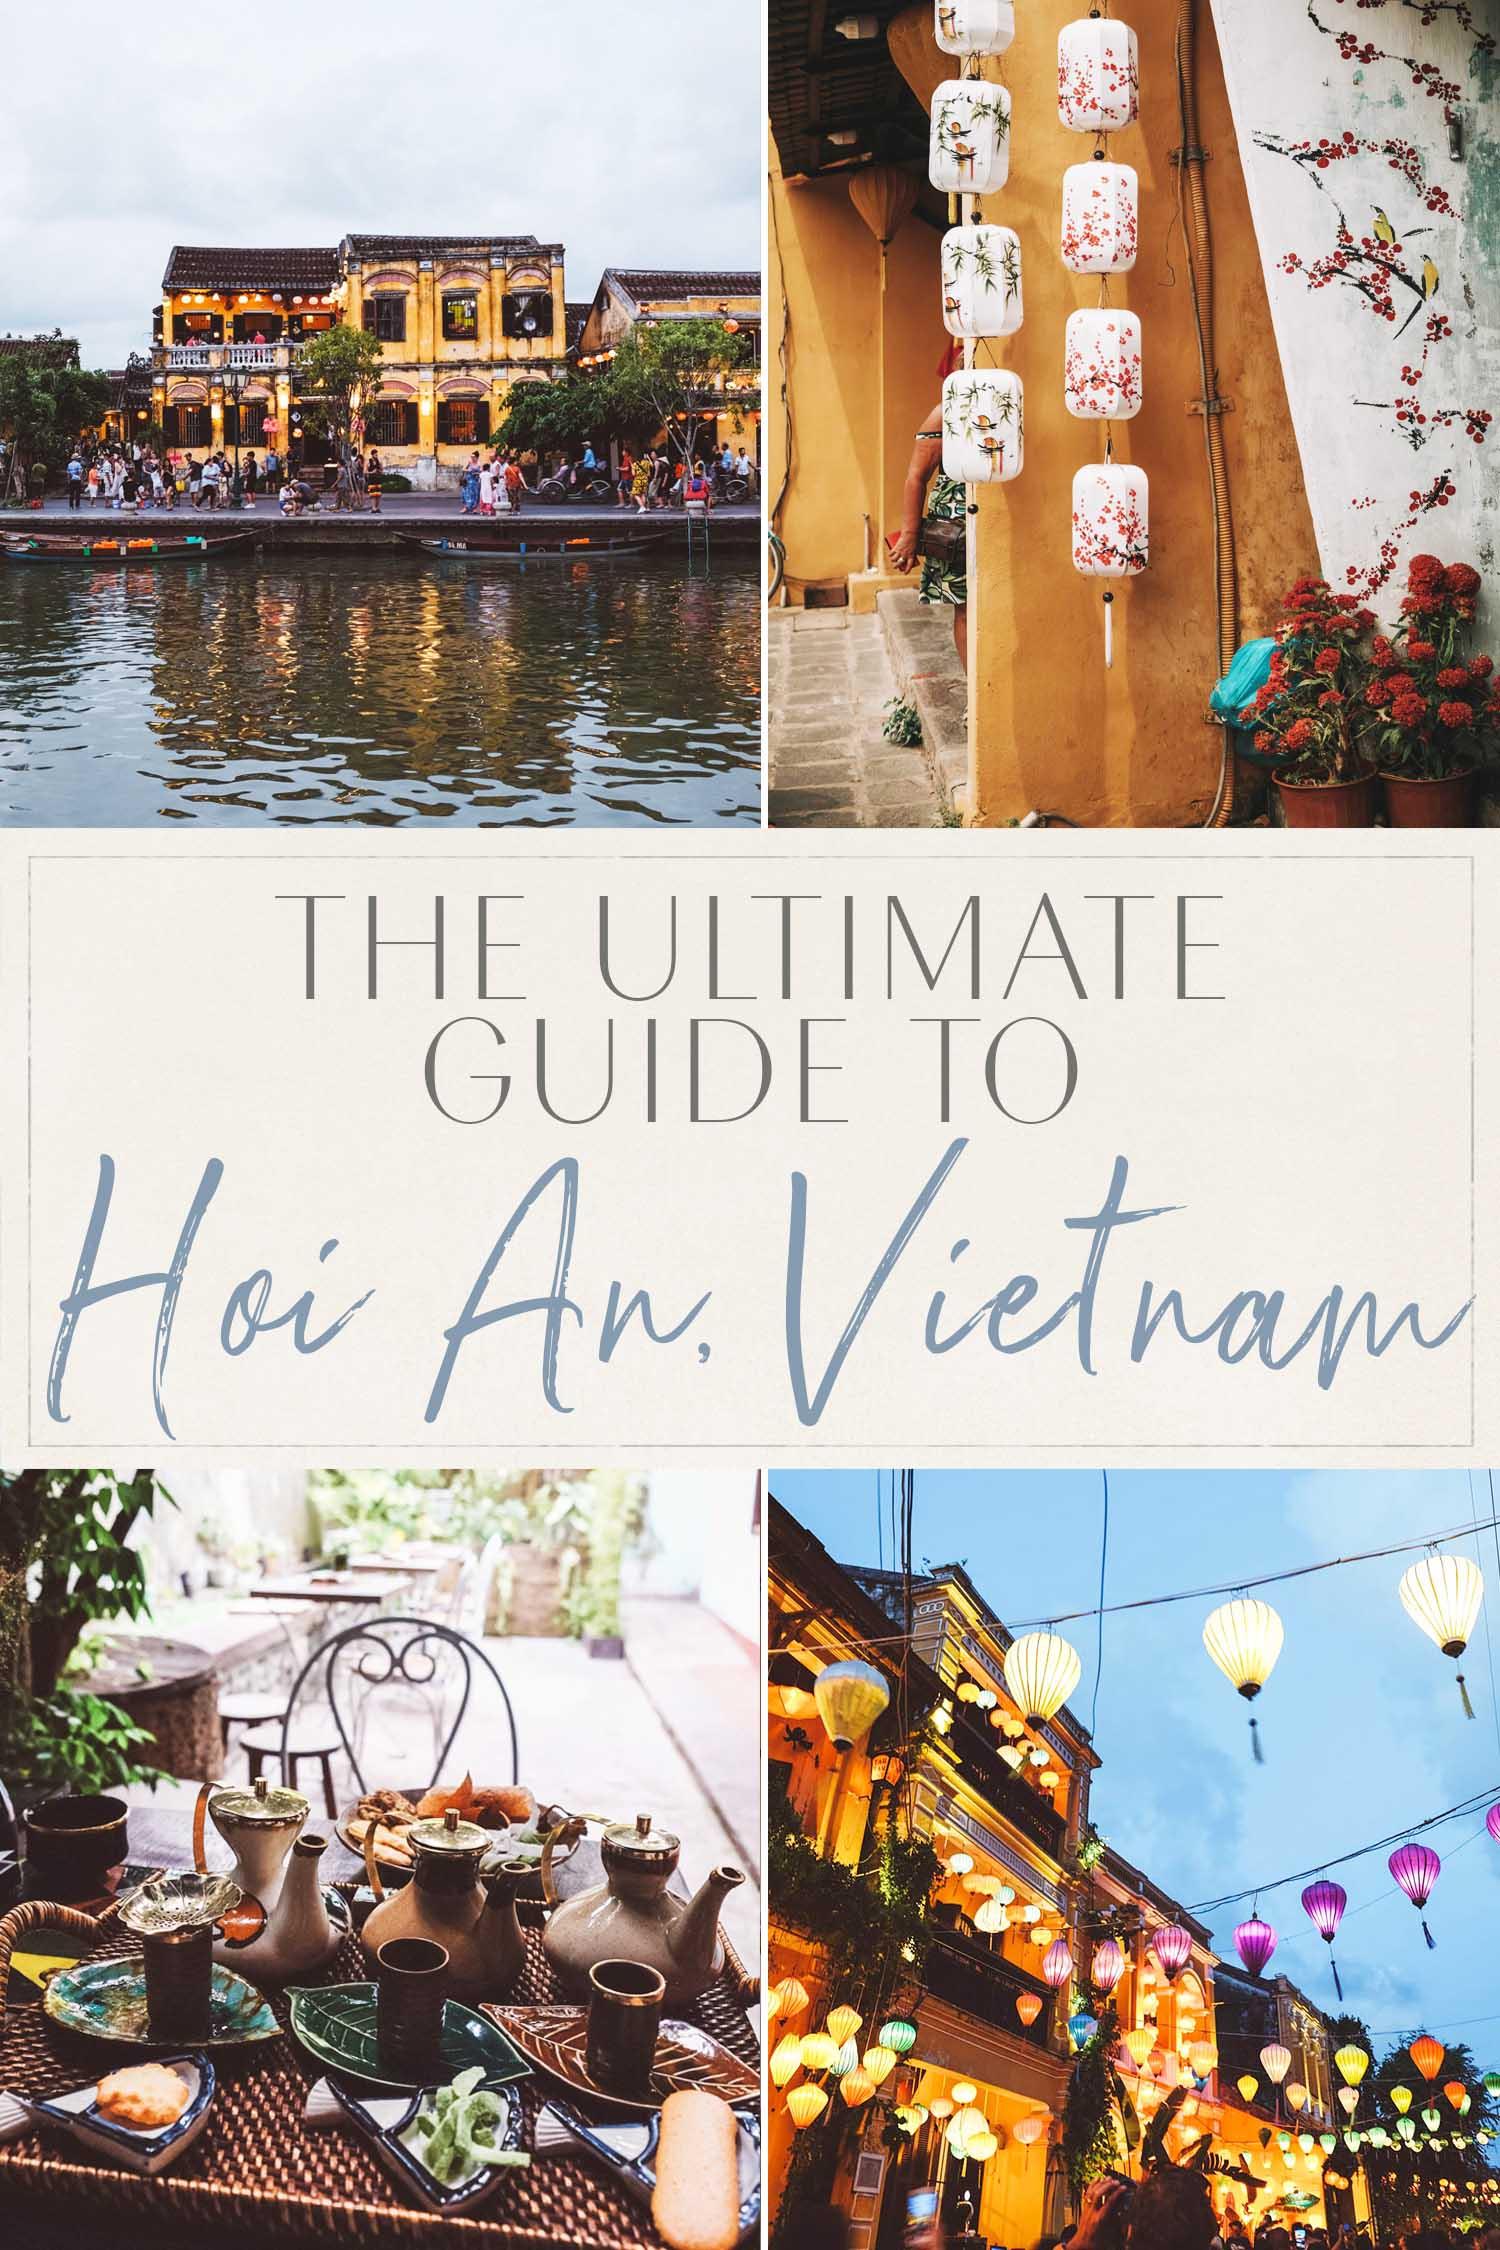 Hoi An Vietnam Guide